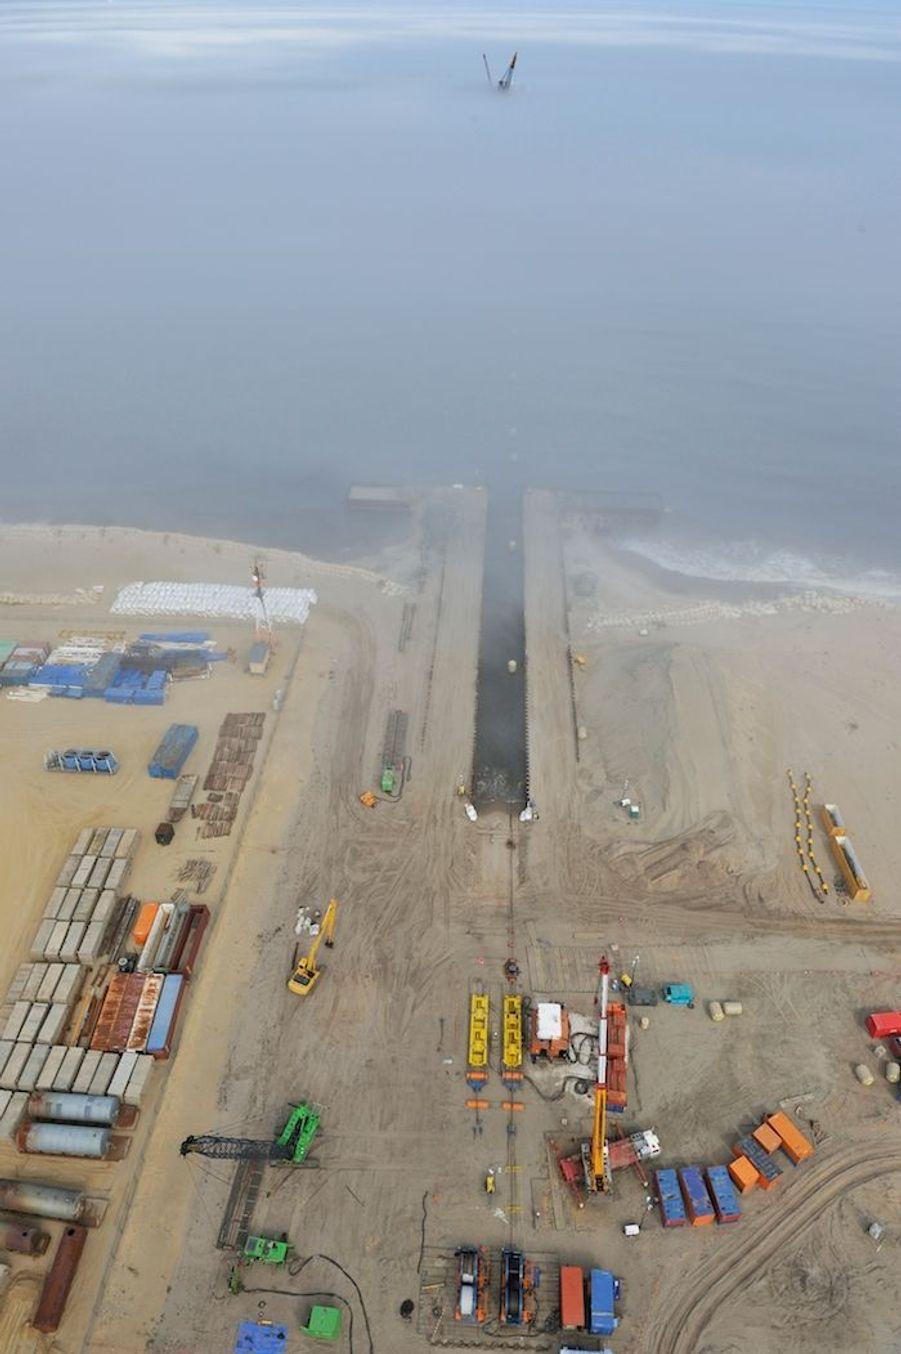 Van Oord prépare l'arrivée de pipelines sous-marins sur l'île Sakhalin en Russie